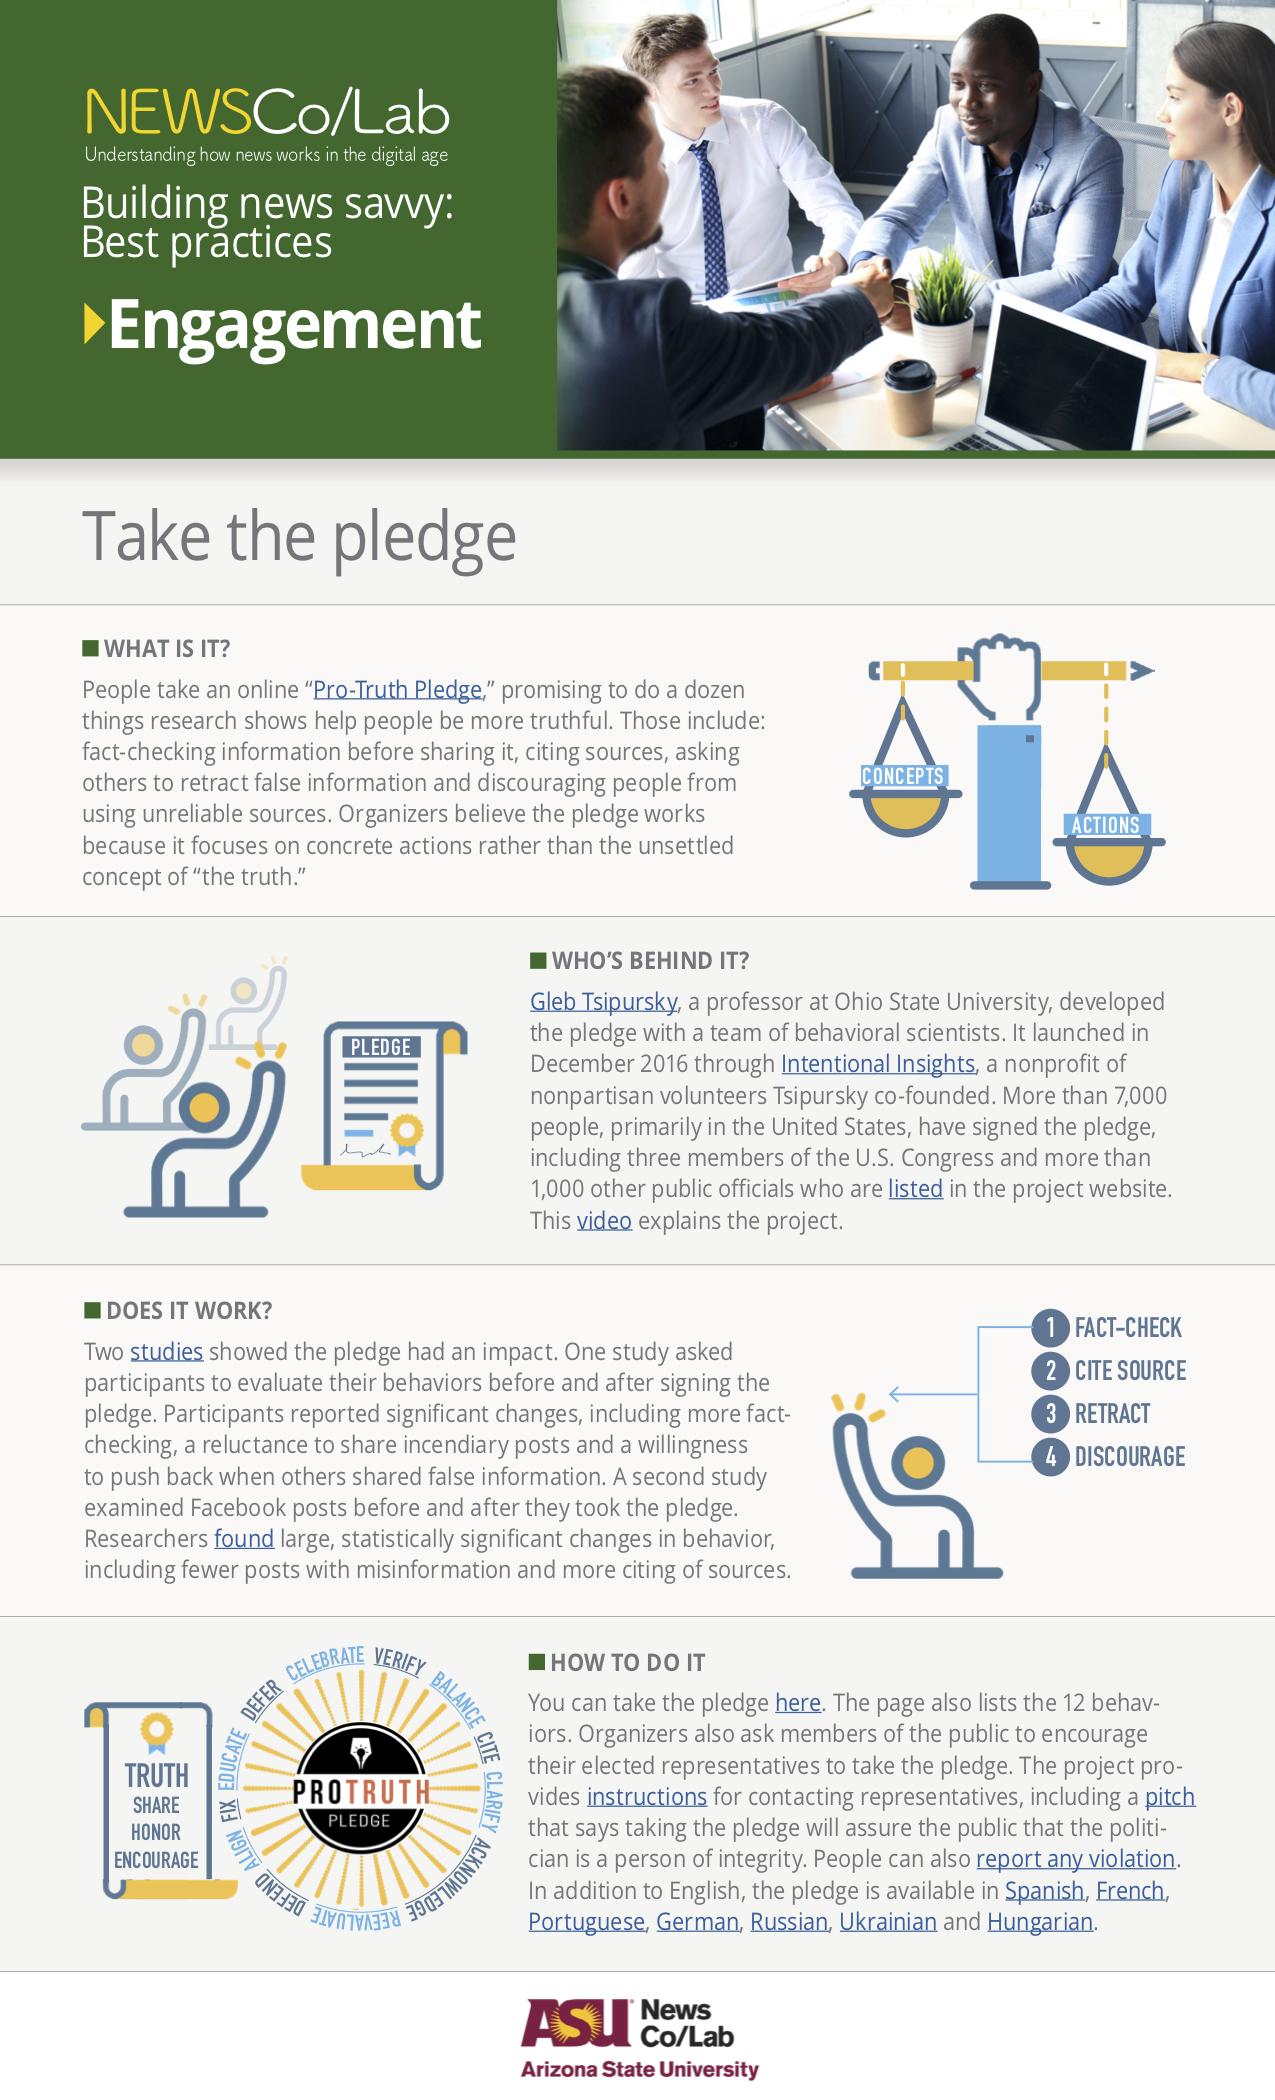 Best Practice: Pro-Truth Pledge